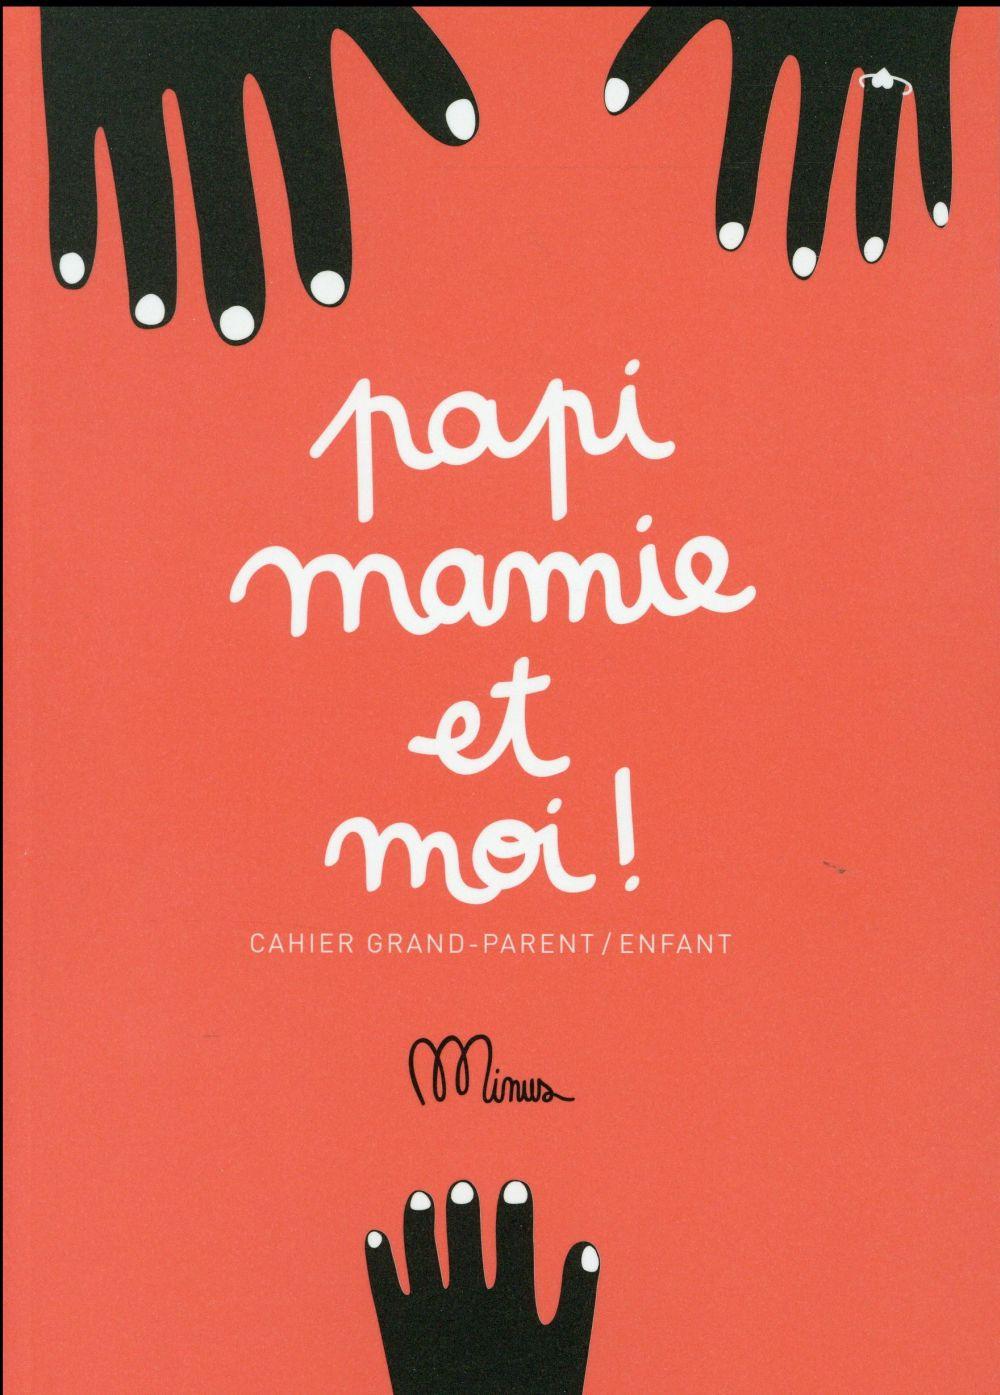 PAPI, MAMIE ET MOI - CAHIER GRAND-PARENT/ENFANT